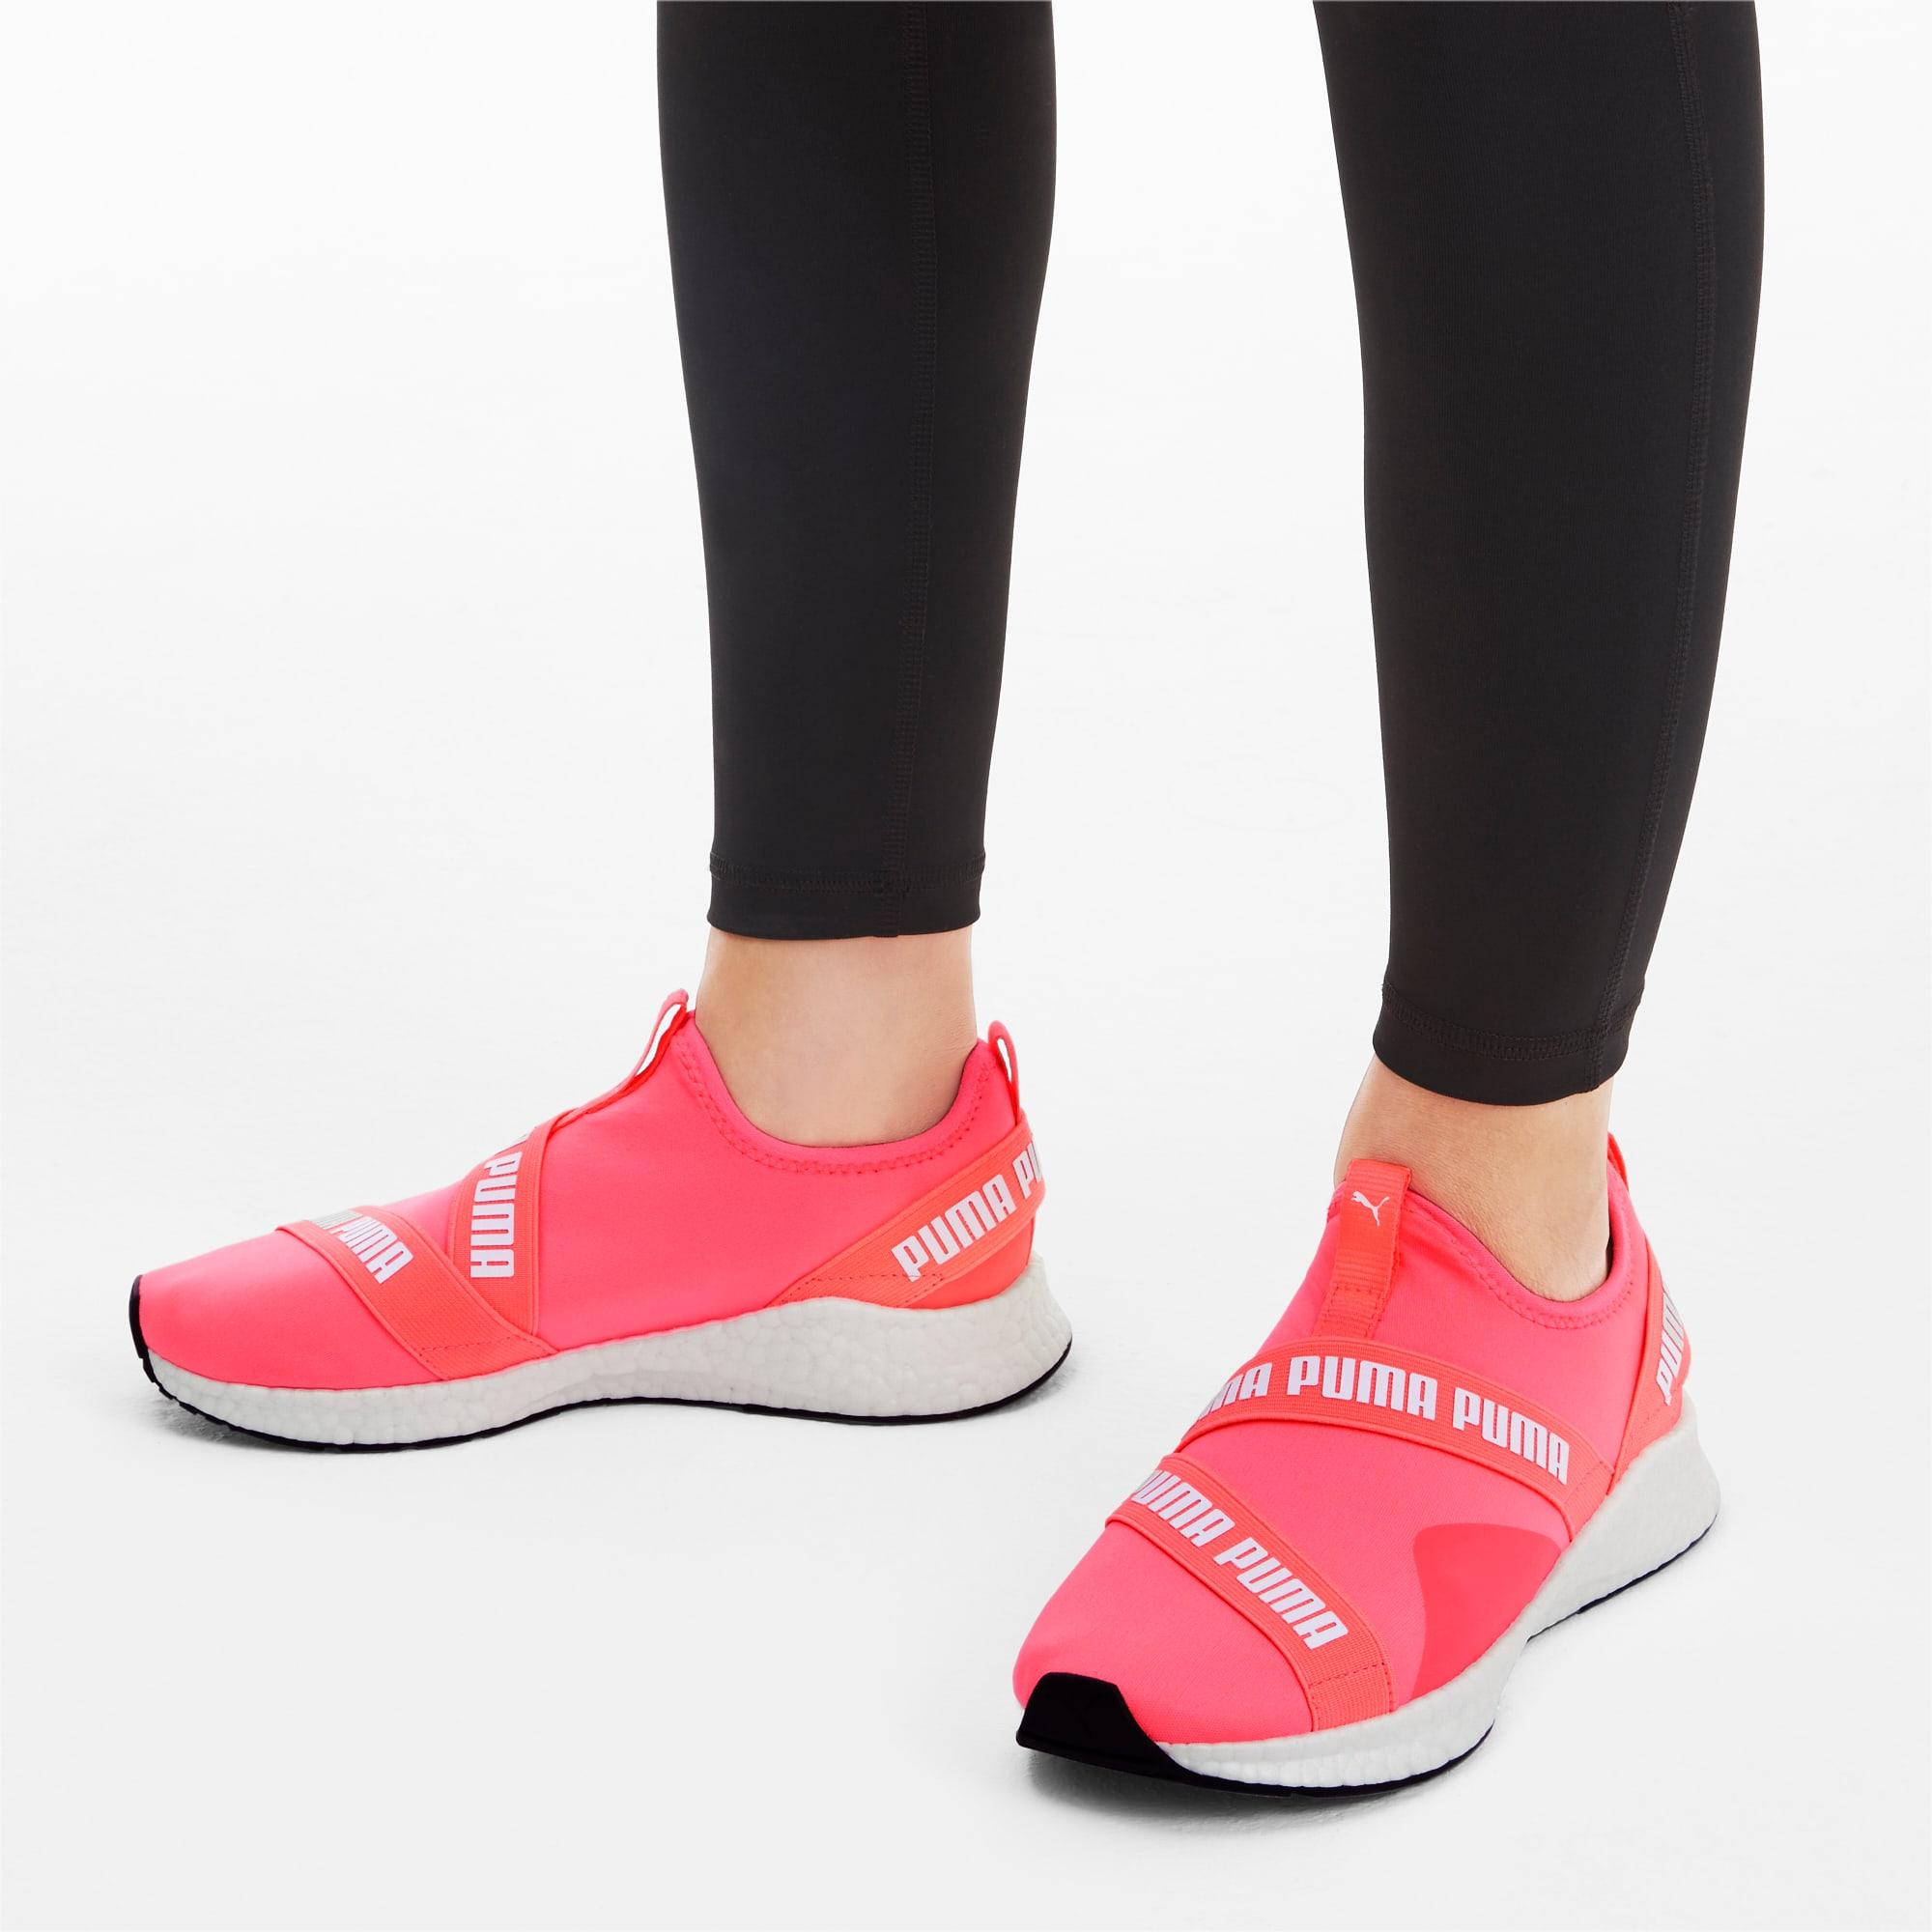 NRGY Star Slip-On Running Shoes